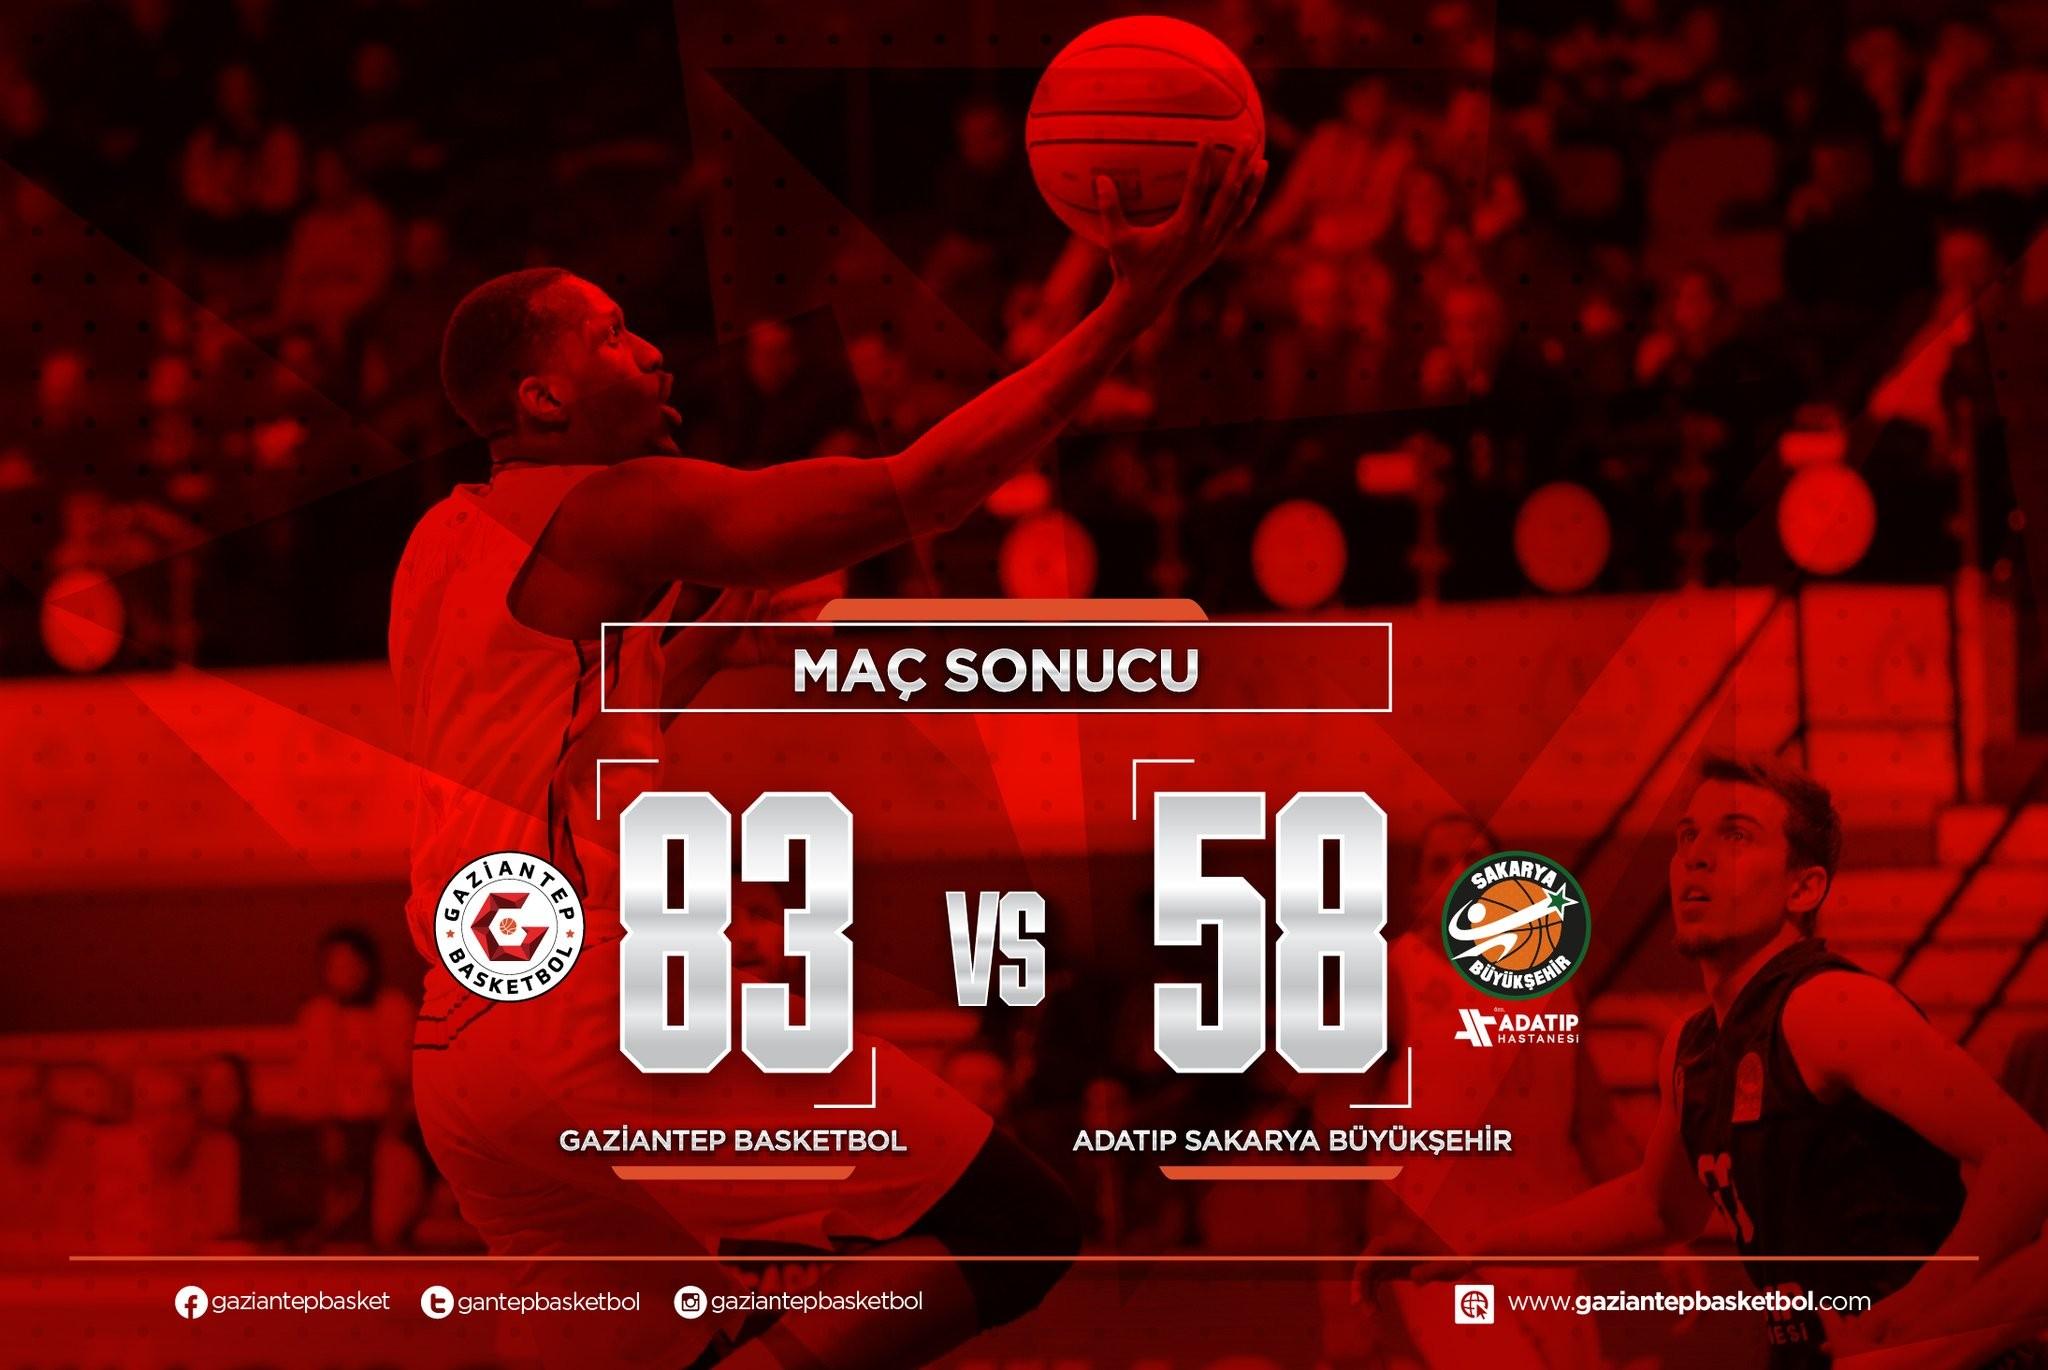 Gaziantep Basketbol fark attı